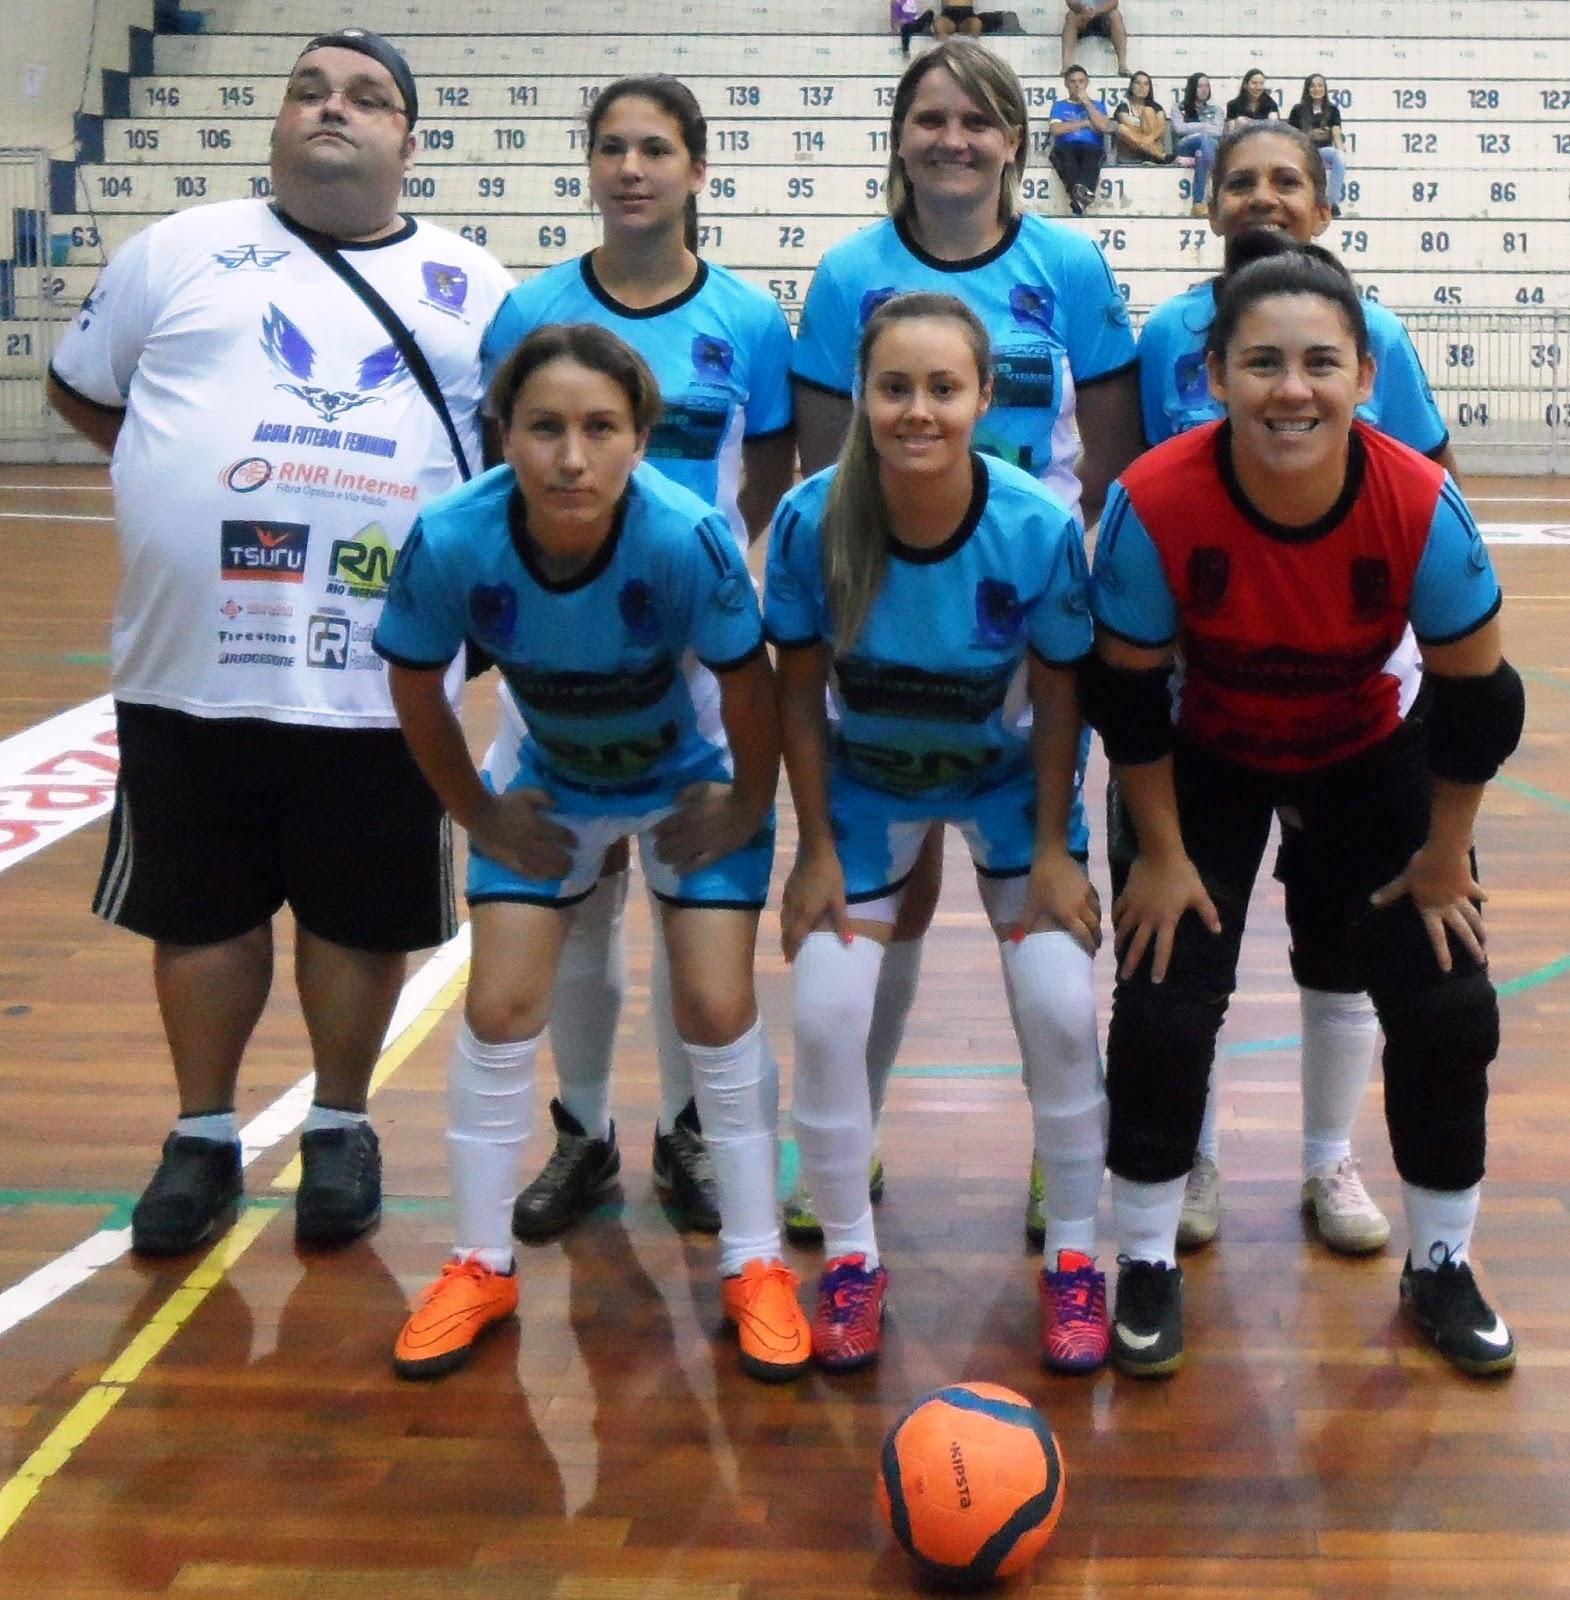 O G. E. Vila Nova   Águia Futebol Feminino   RNR Internet   CFC Rio  Negrinho   Gestão e Resultados Contabilidade   Tsuru Sushi   Josmil Auto  Peças ... 2f6e80c0a1957